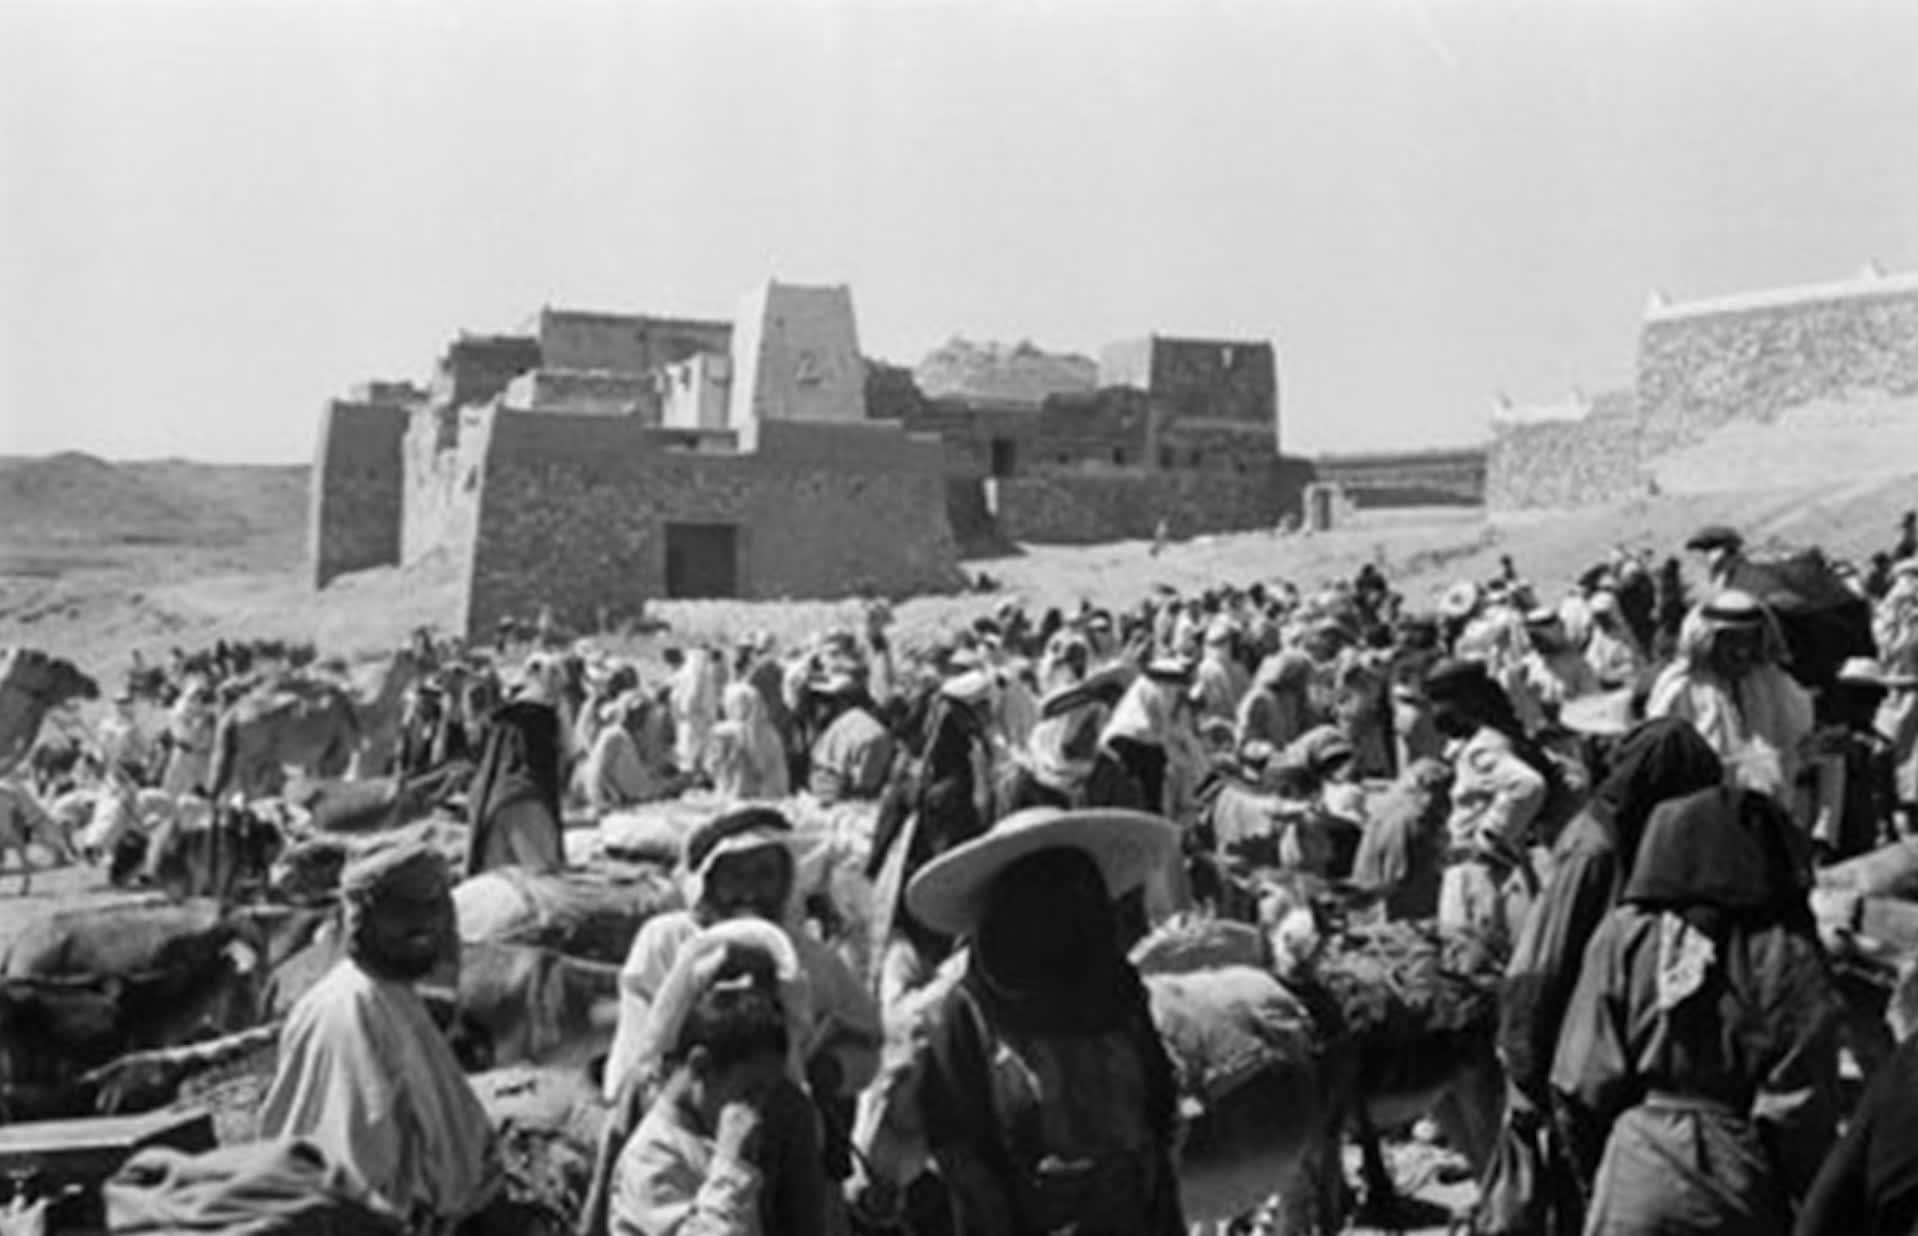 صورة تظهر سوق أبها في عام 1945